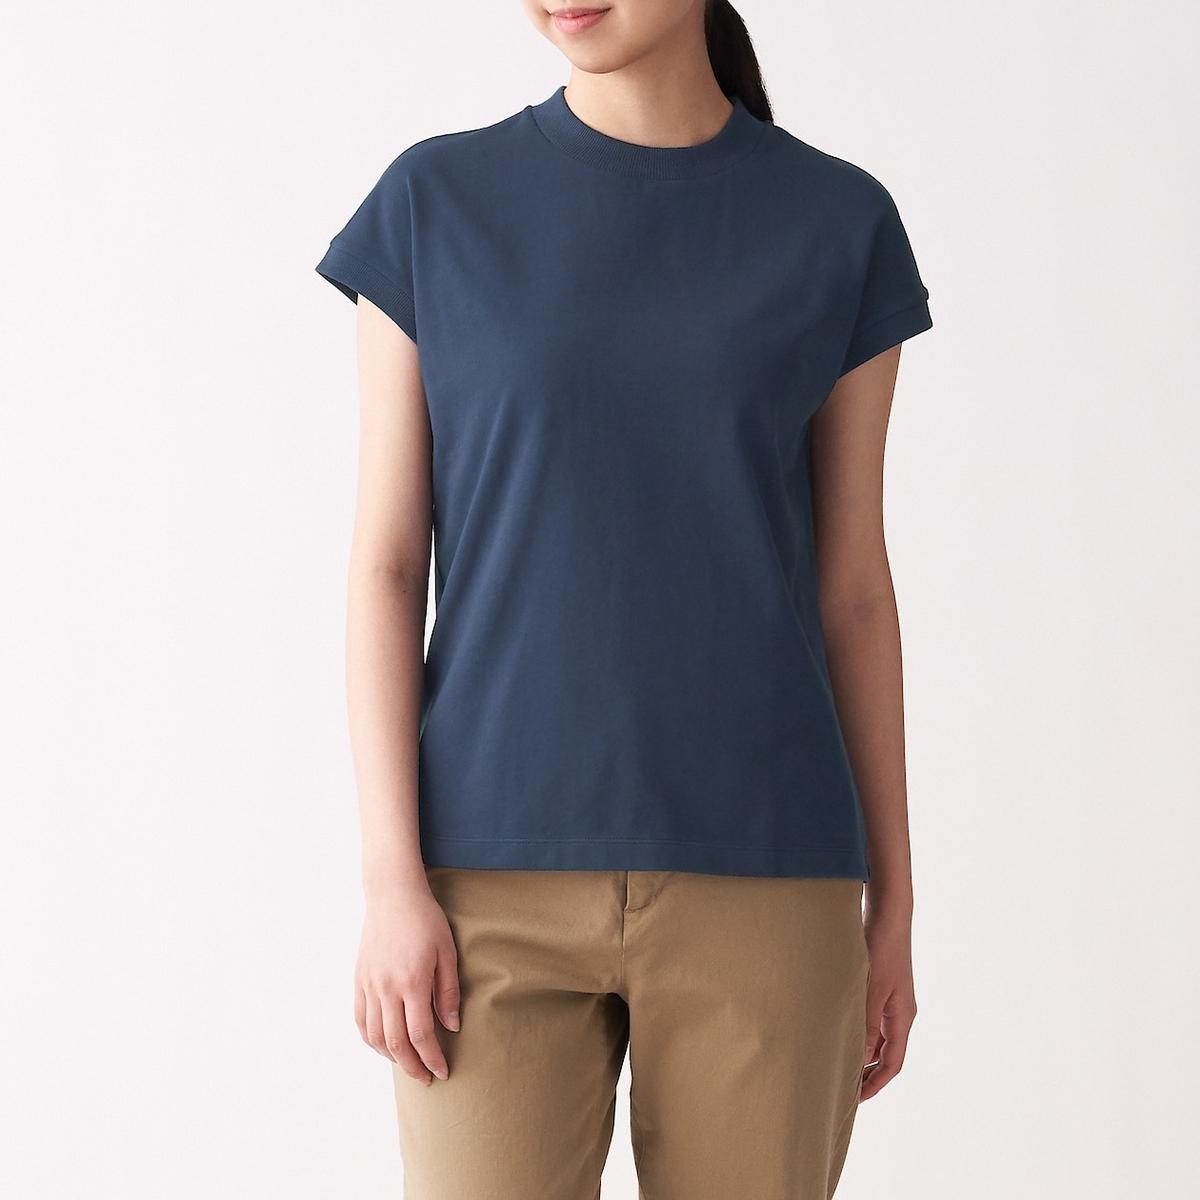 太番手天竺編みフレンチスリーブTシャツ(ネイビー)